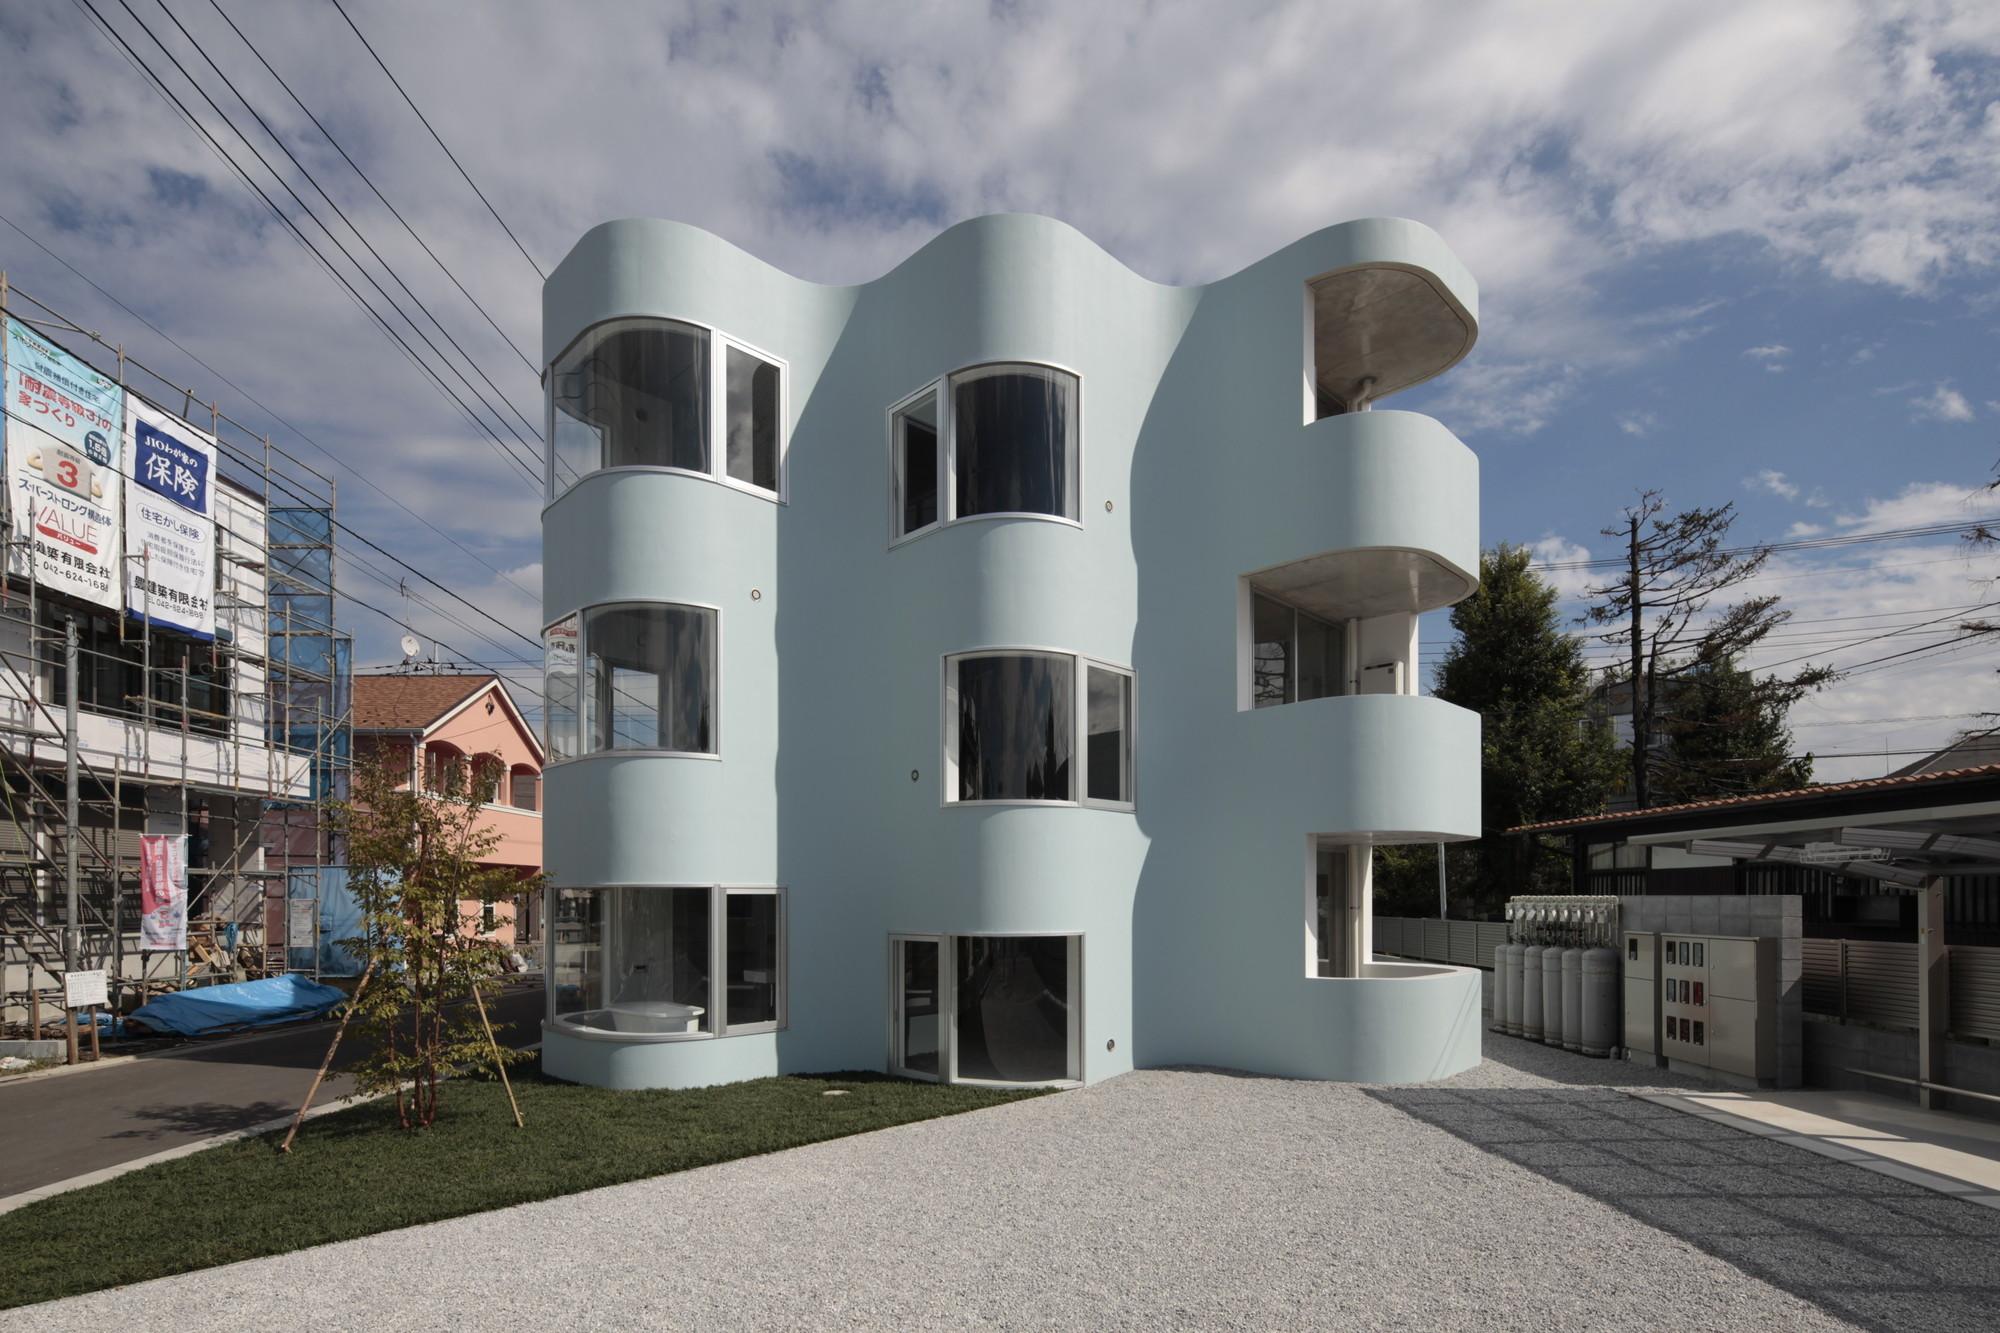 Higashifuchuu Apartments / Mejiro Studio, © Koichi Torimura